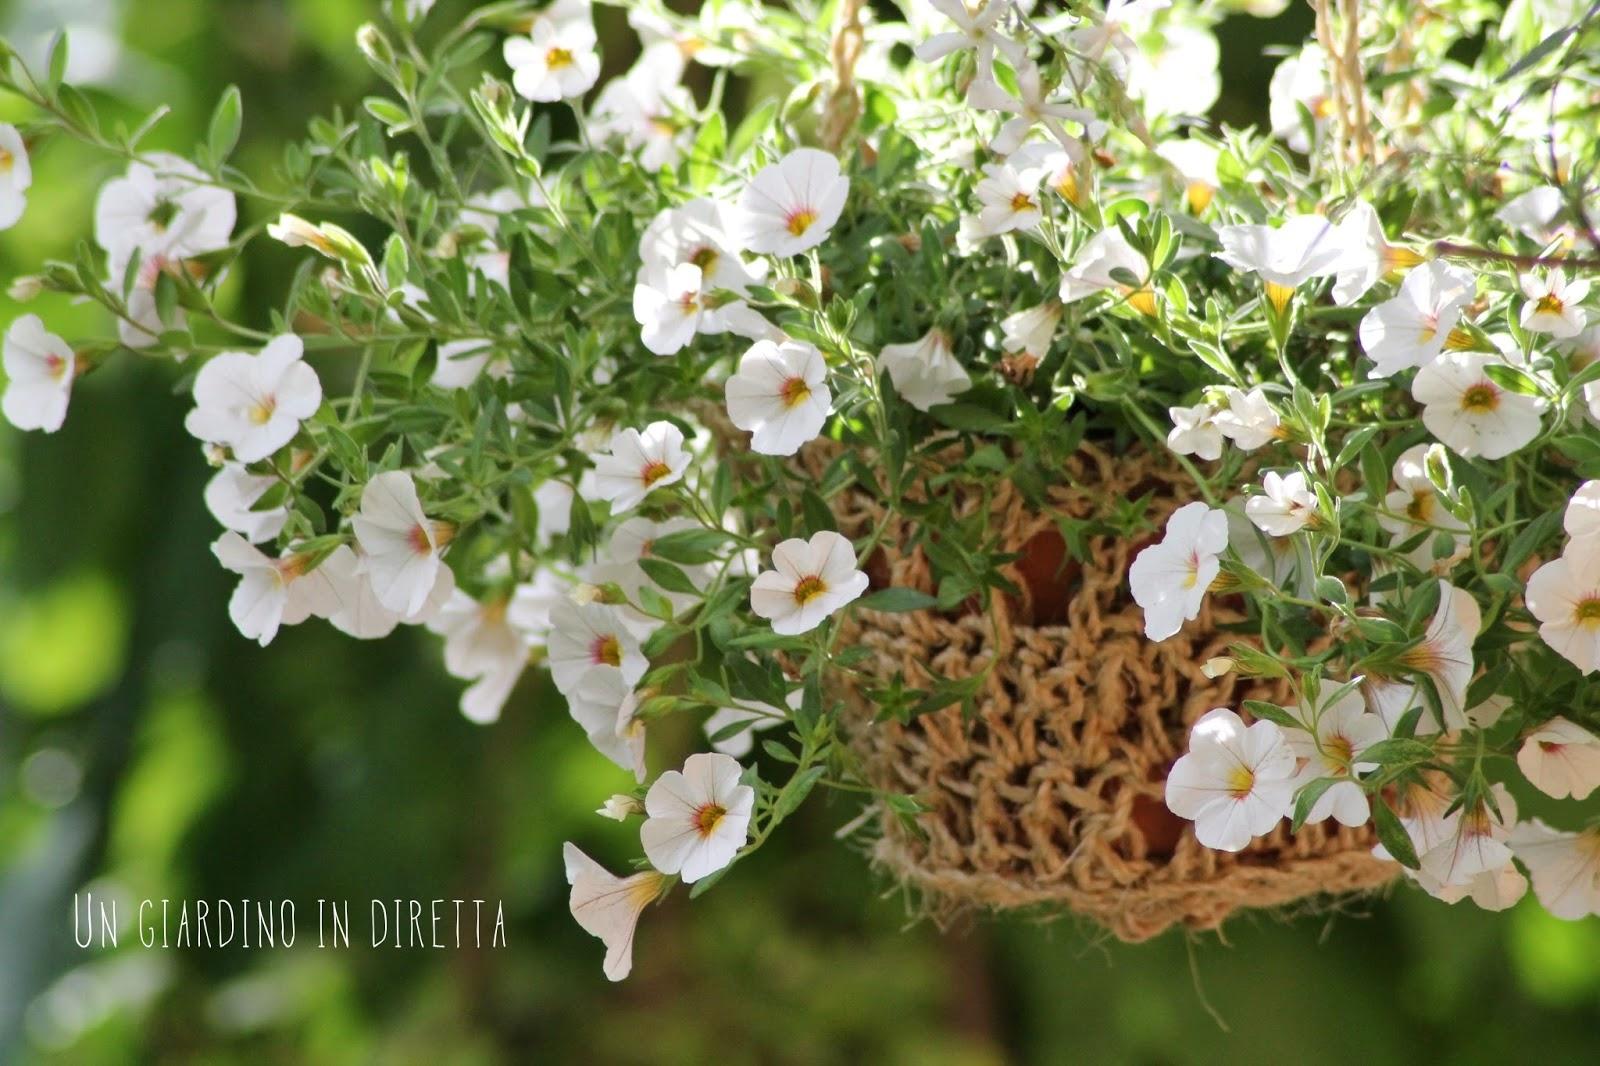 Giardini d 39 estate vota le foto di un giardino in diretta un giardino in diretta - Il giardino d estate ...